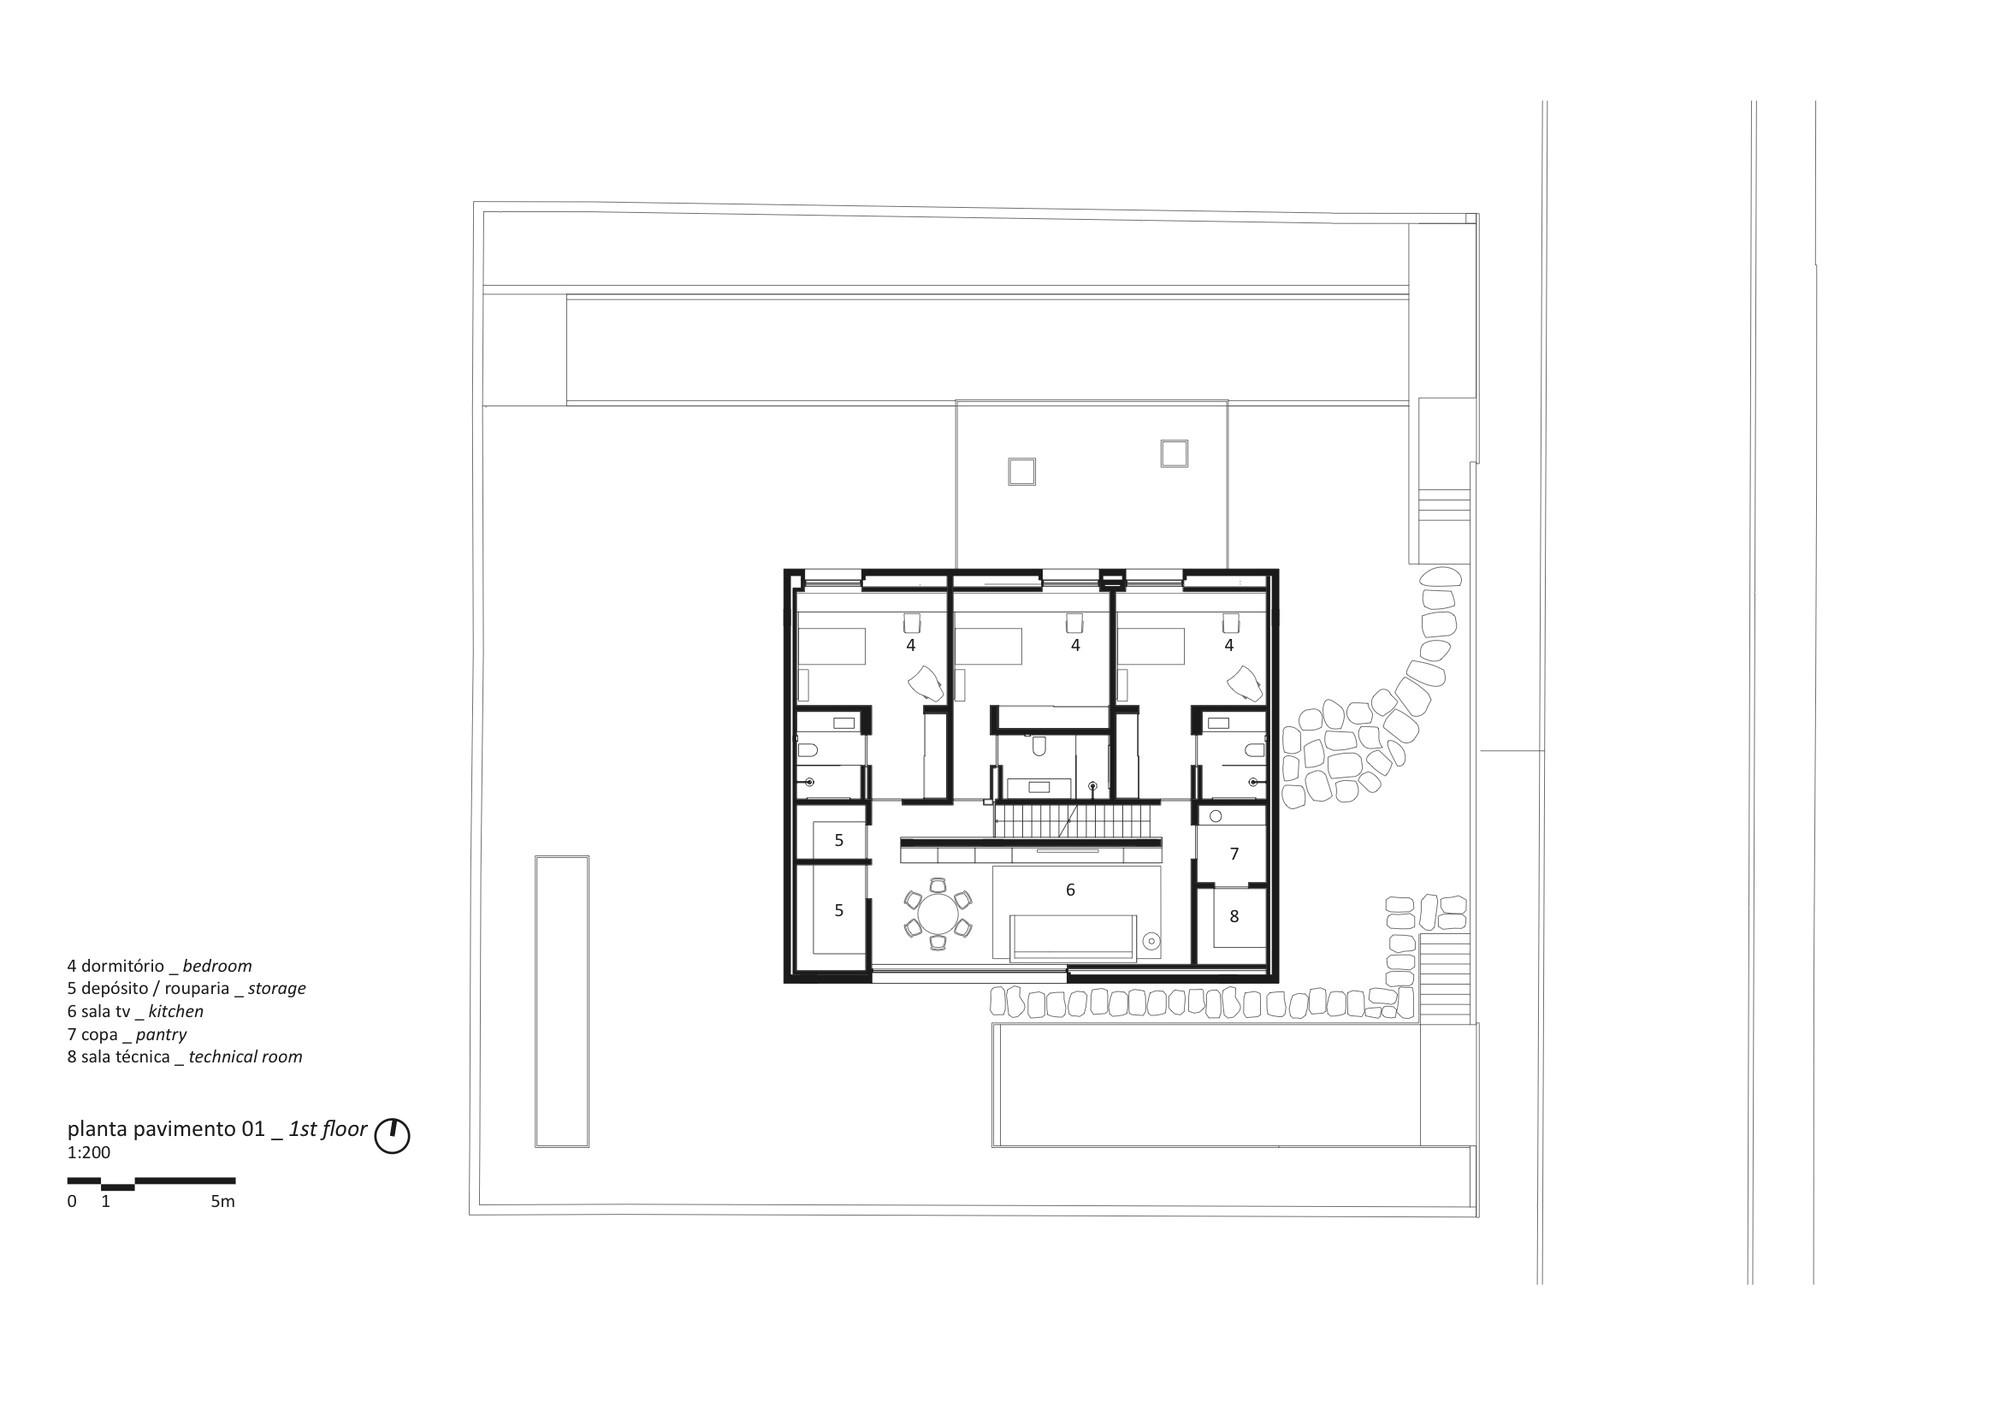 520e7b72e8e44e203000011b cube house studio mk27 marcio kogan suzana glogowski first floor plan png